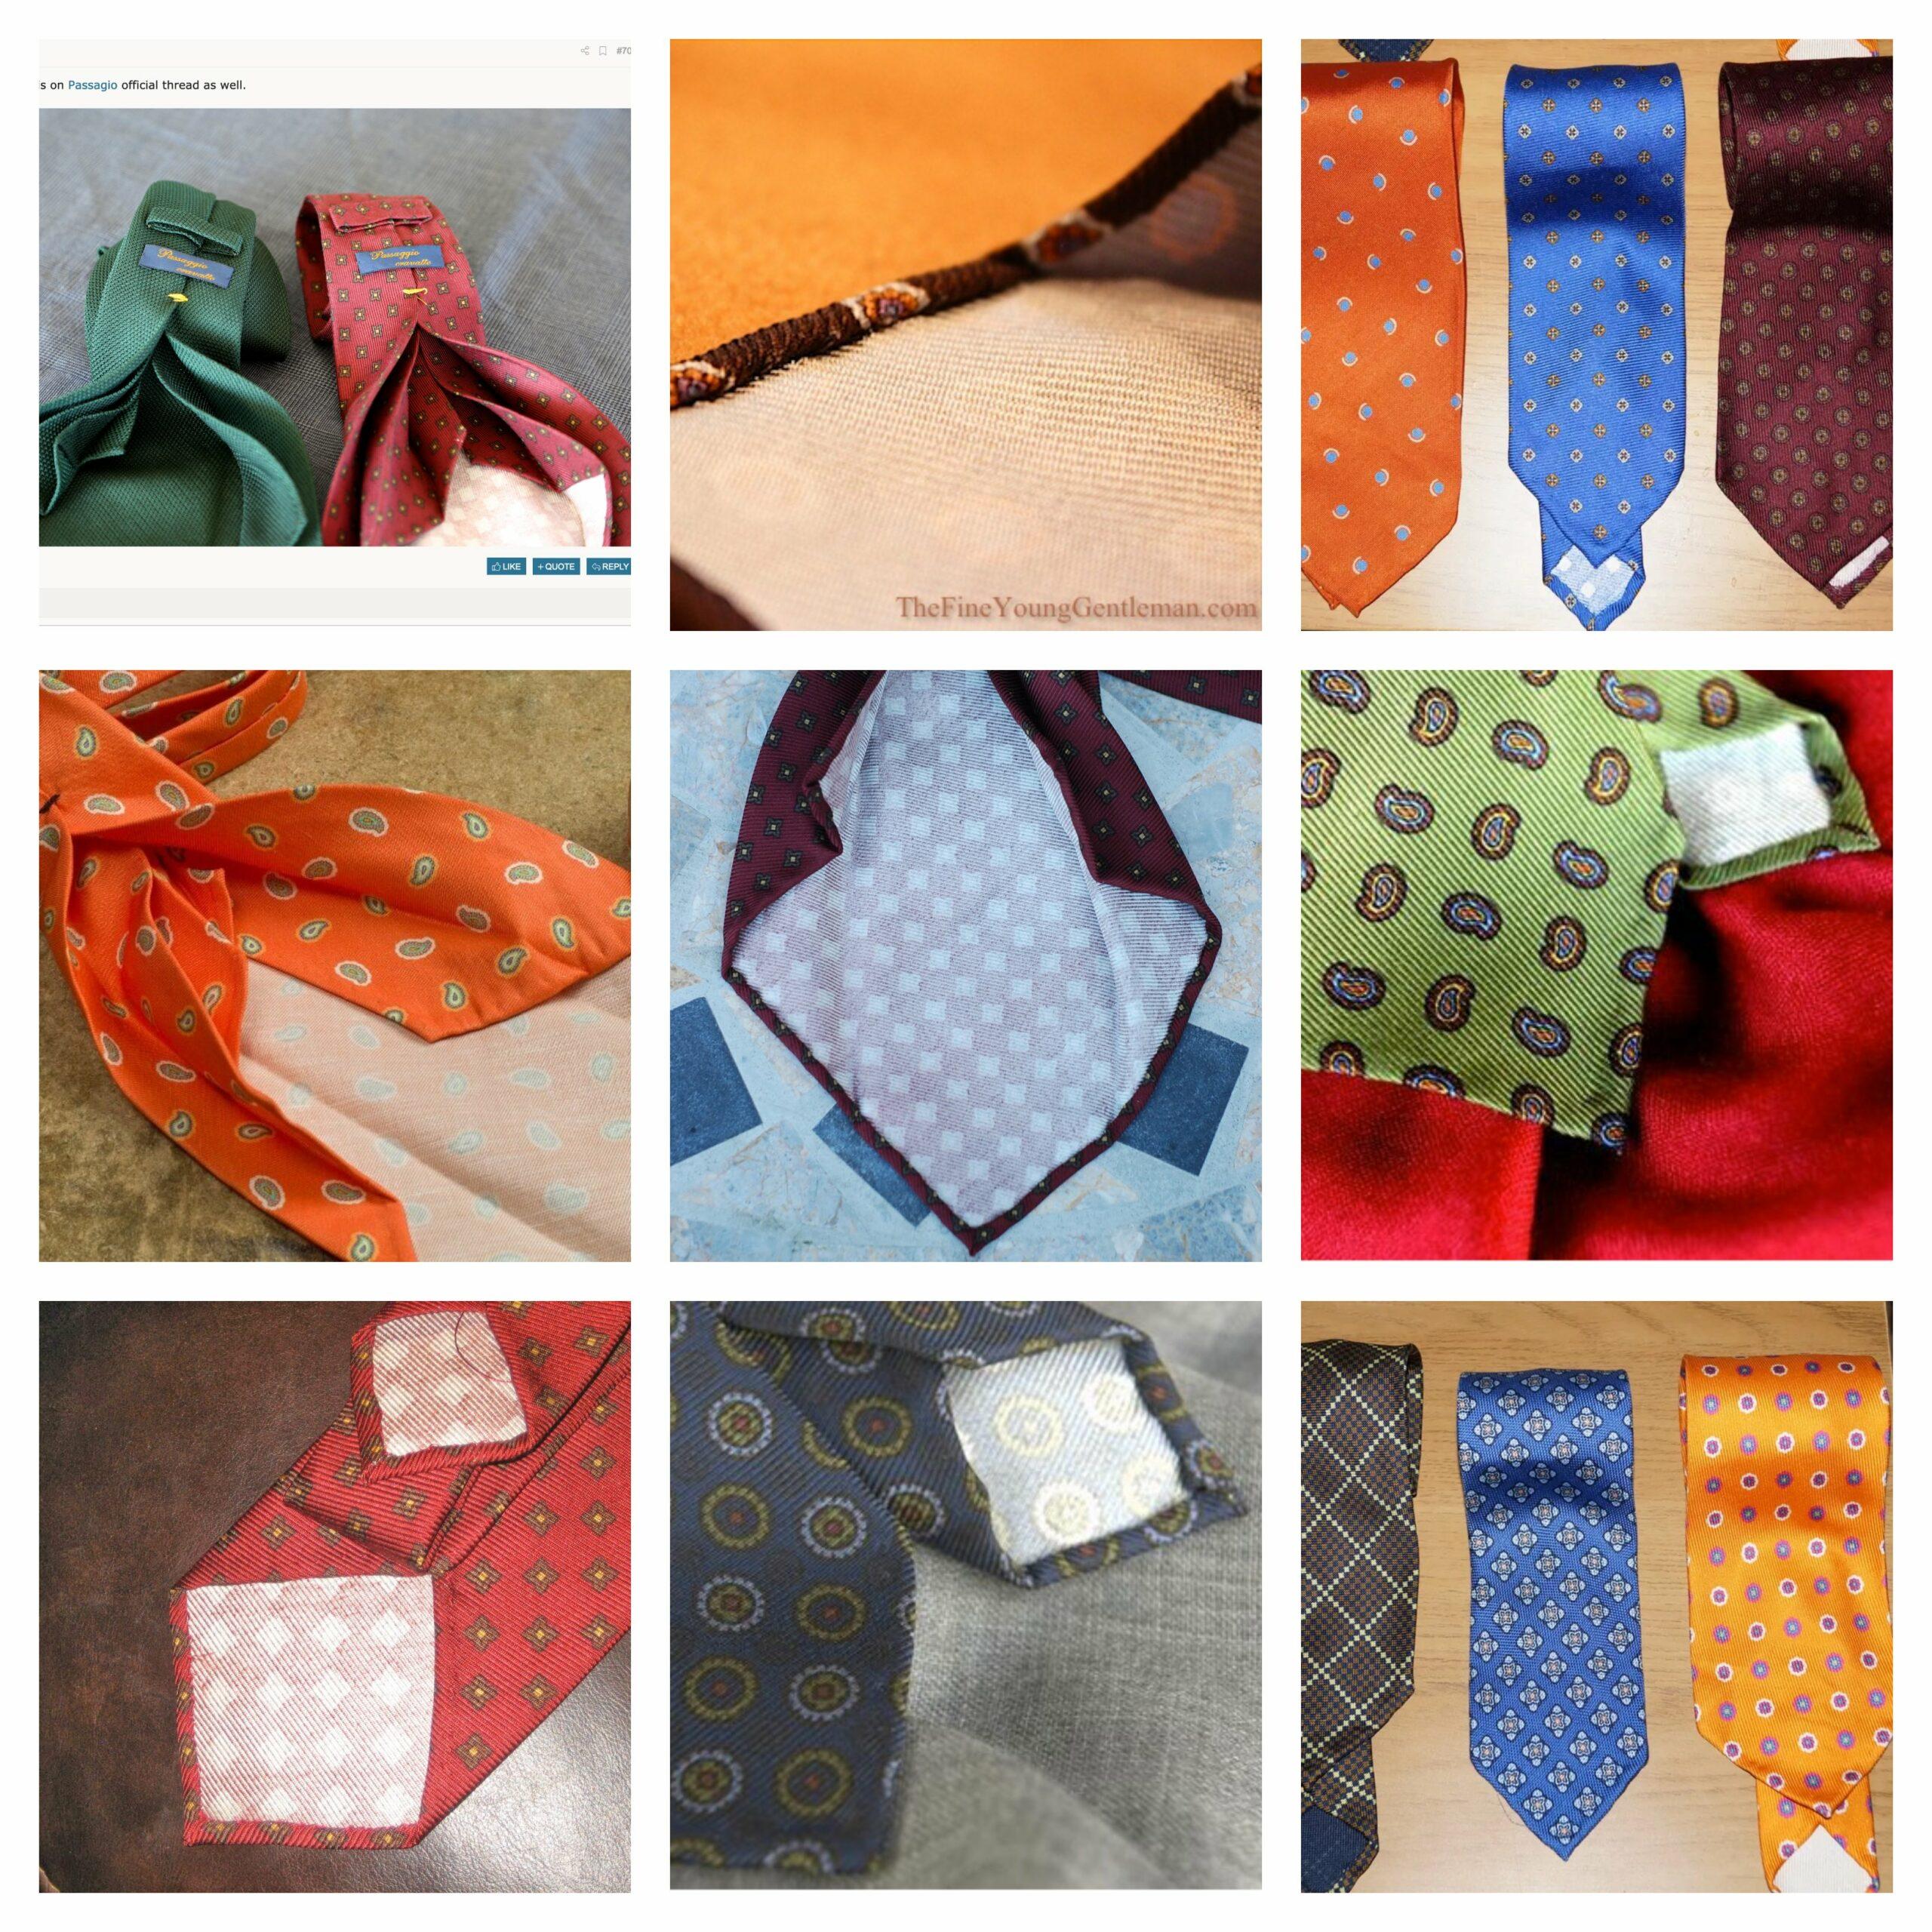 Petit florilège des cravates à dos blanc Passaggio (Source: Uptwondandy, shoeblogsnob, permanentstyle, styleforum, dressedwell, thefineyounggentleman)